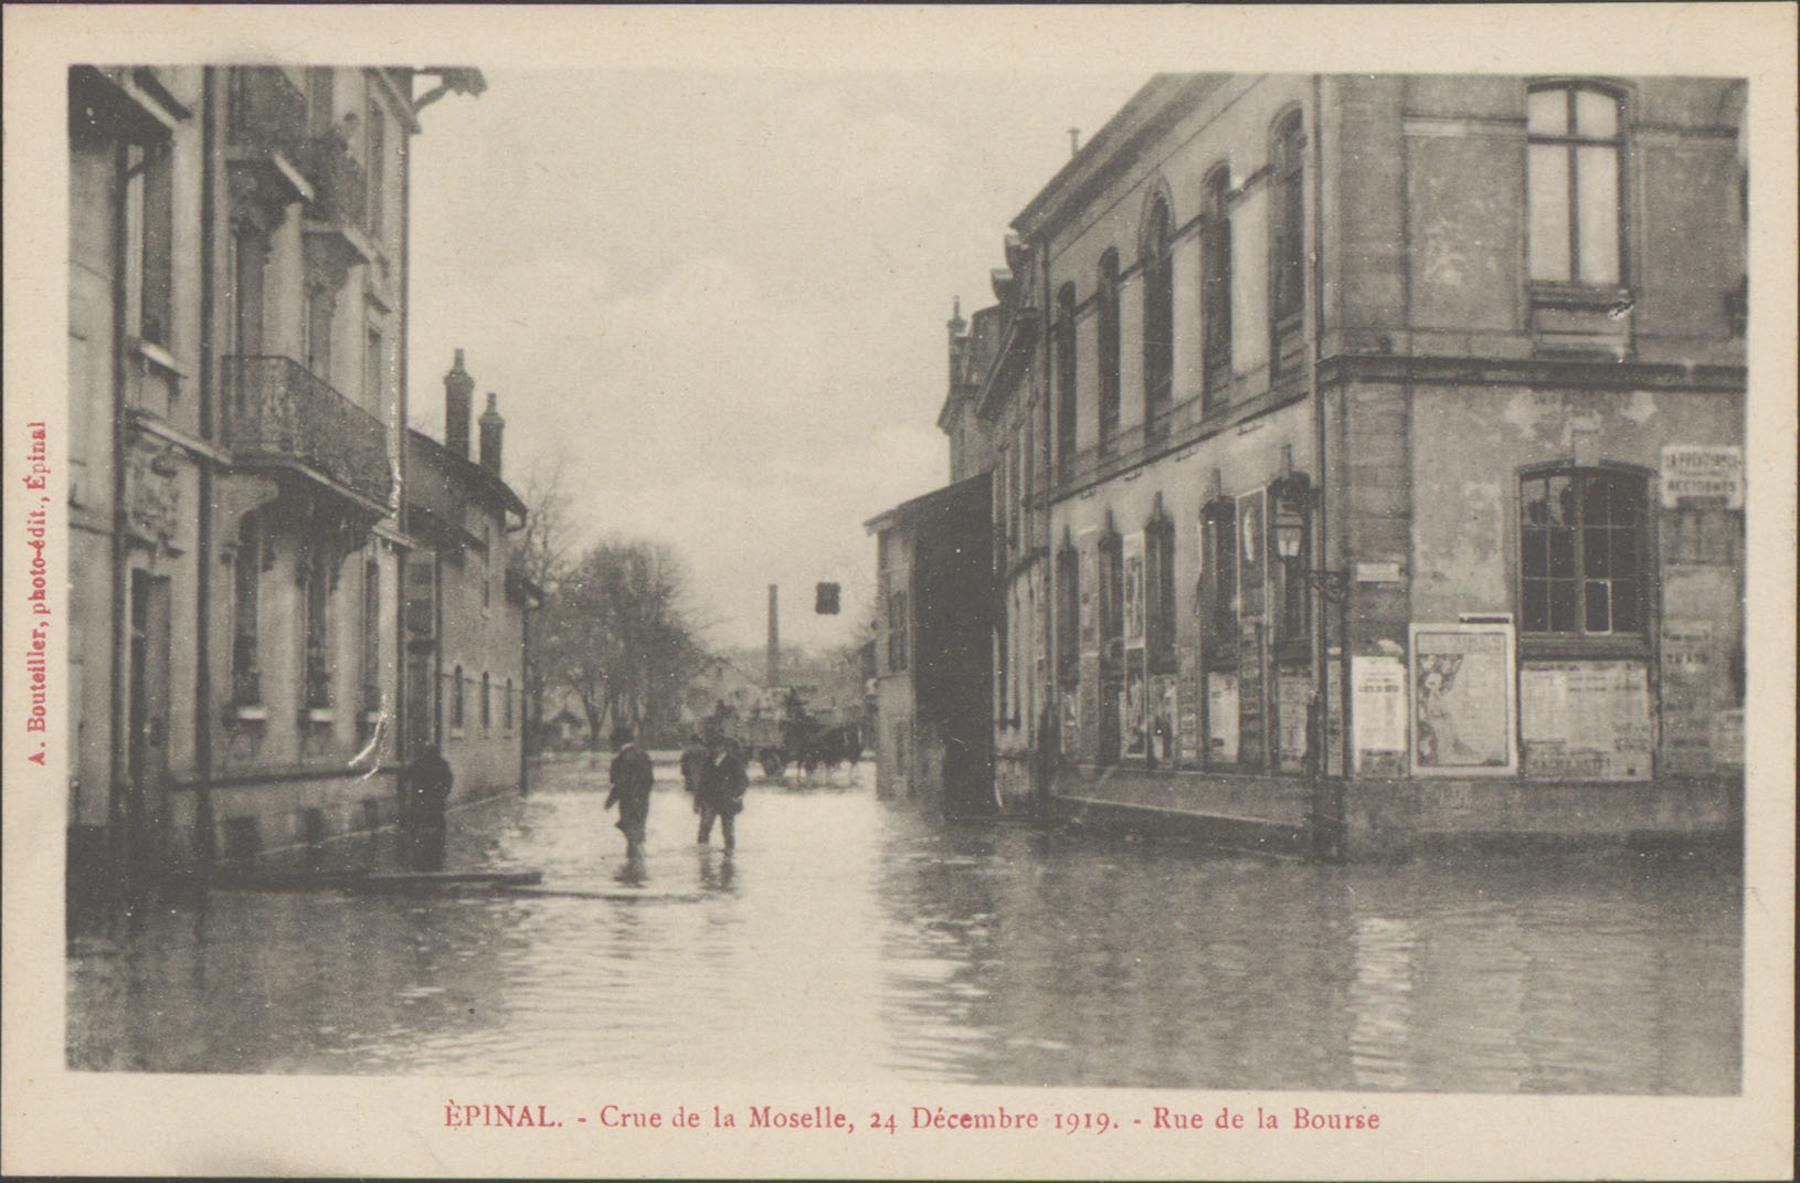 Contenu du Épinal, Crue de la Moselle, 24 décembre 1919, Rue de la Bourse